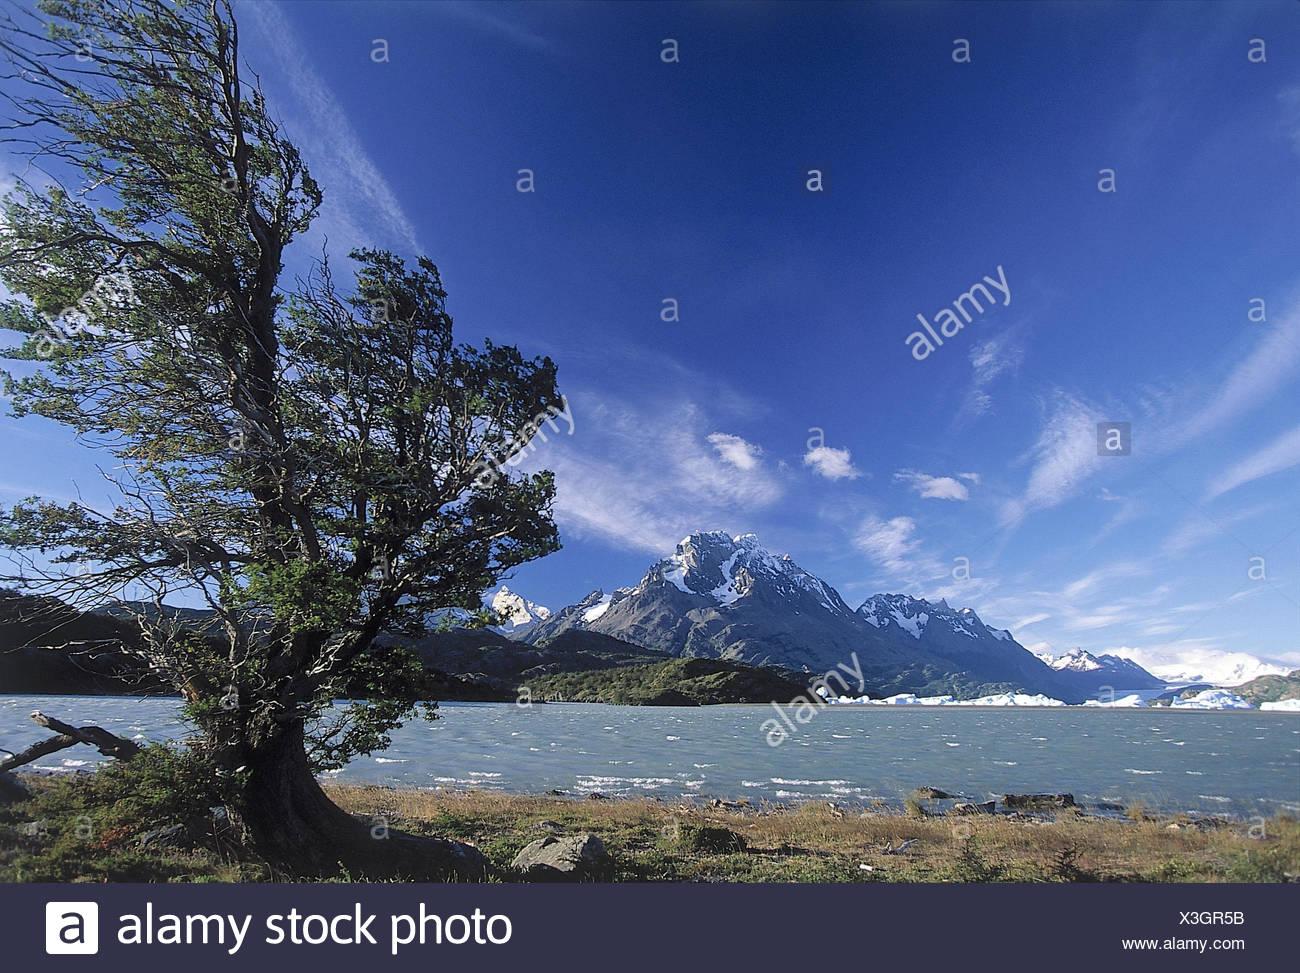 Chile, Patagonien, Torres del Paine Nationalpark, Berglandschaft, See, Grey Gletscher Südamerika,  Berglandschaft, Gletscher, Eis, Schnee,  Gewässer, Grey See, Treibeis, Kälte, gefroren, Gebirge, Natur, Landschaft, außen - Stock Image